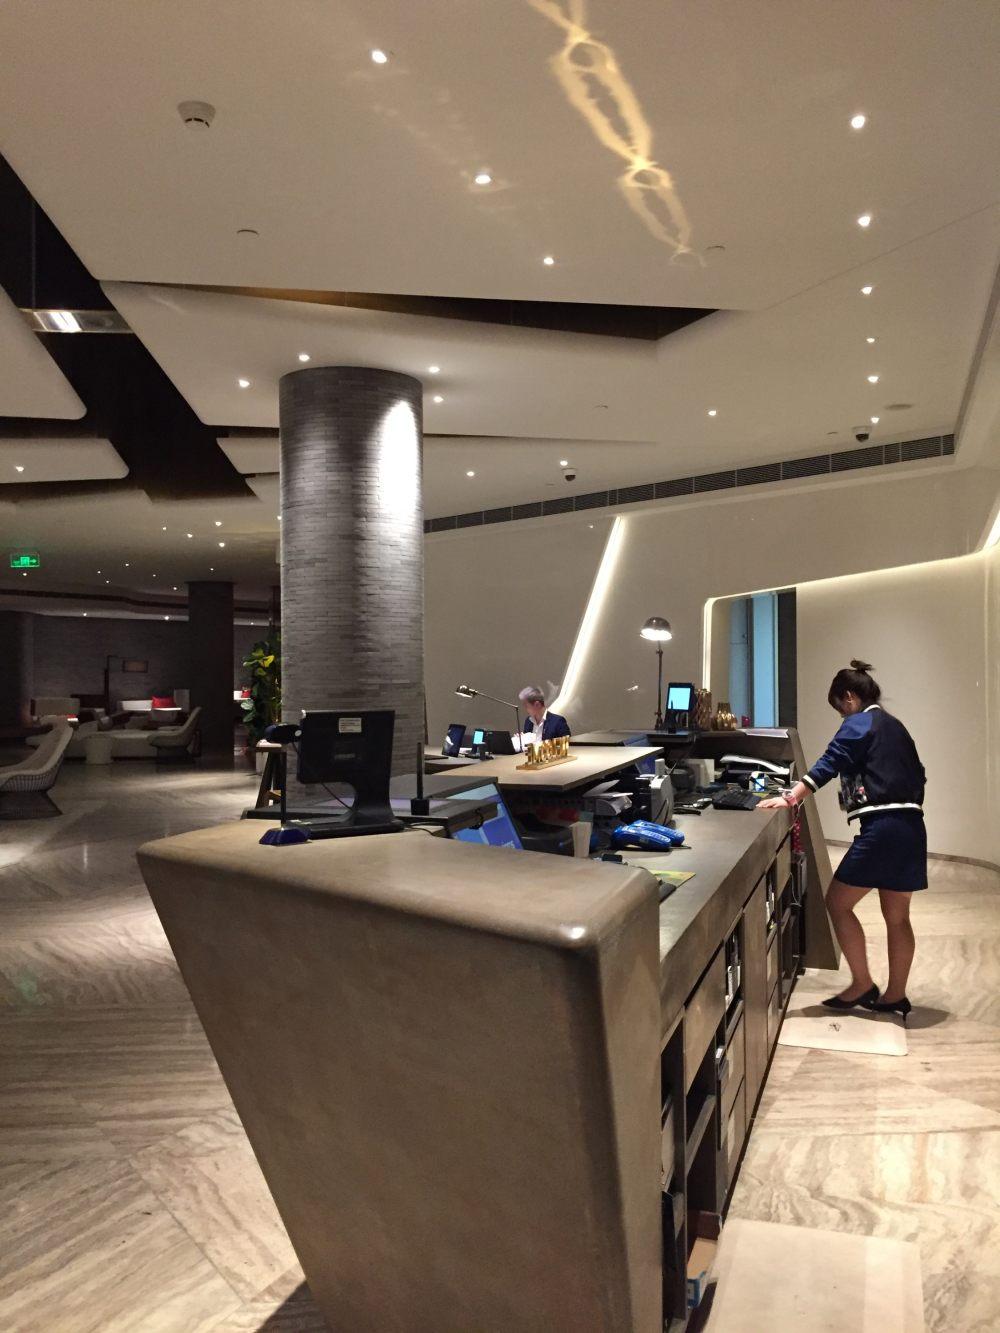 上海外滩W酒店,史上最全入住体验 自拍分享,申请置...._IMG_6182.JPG